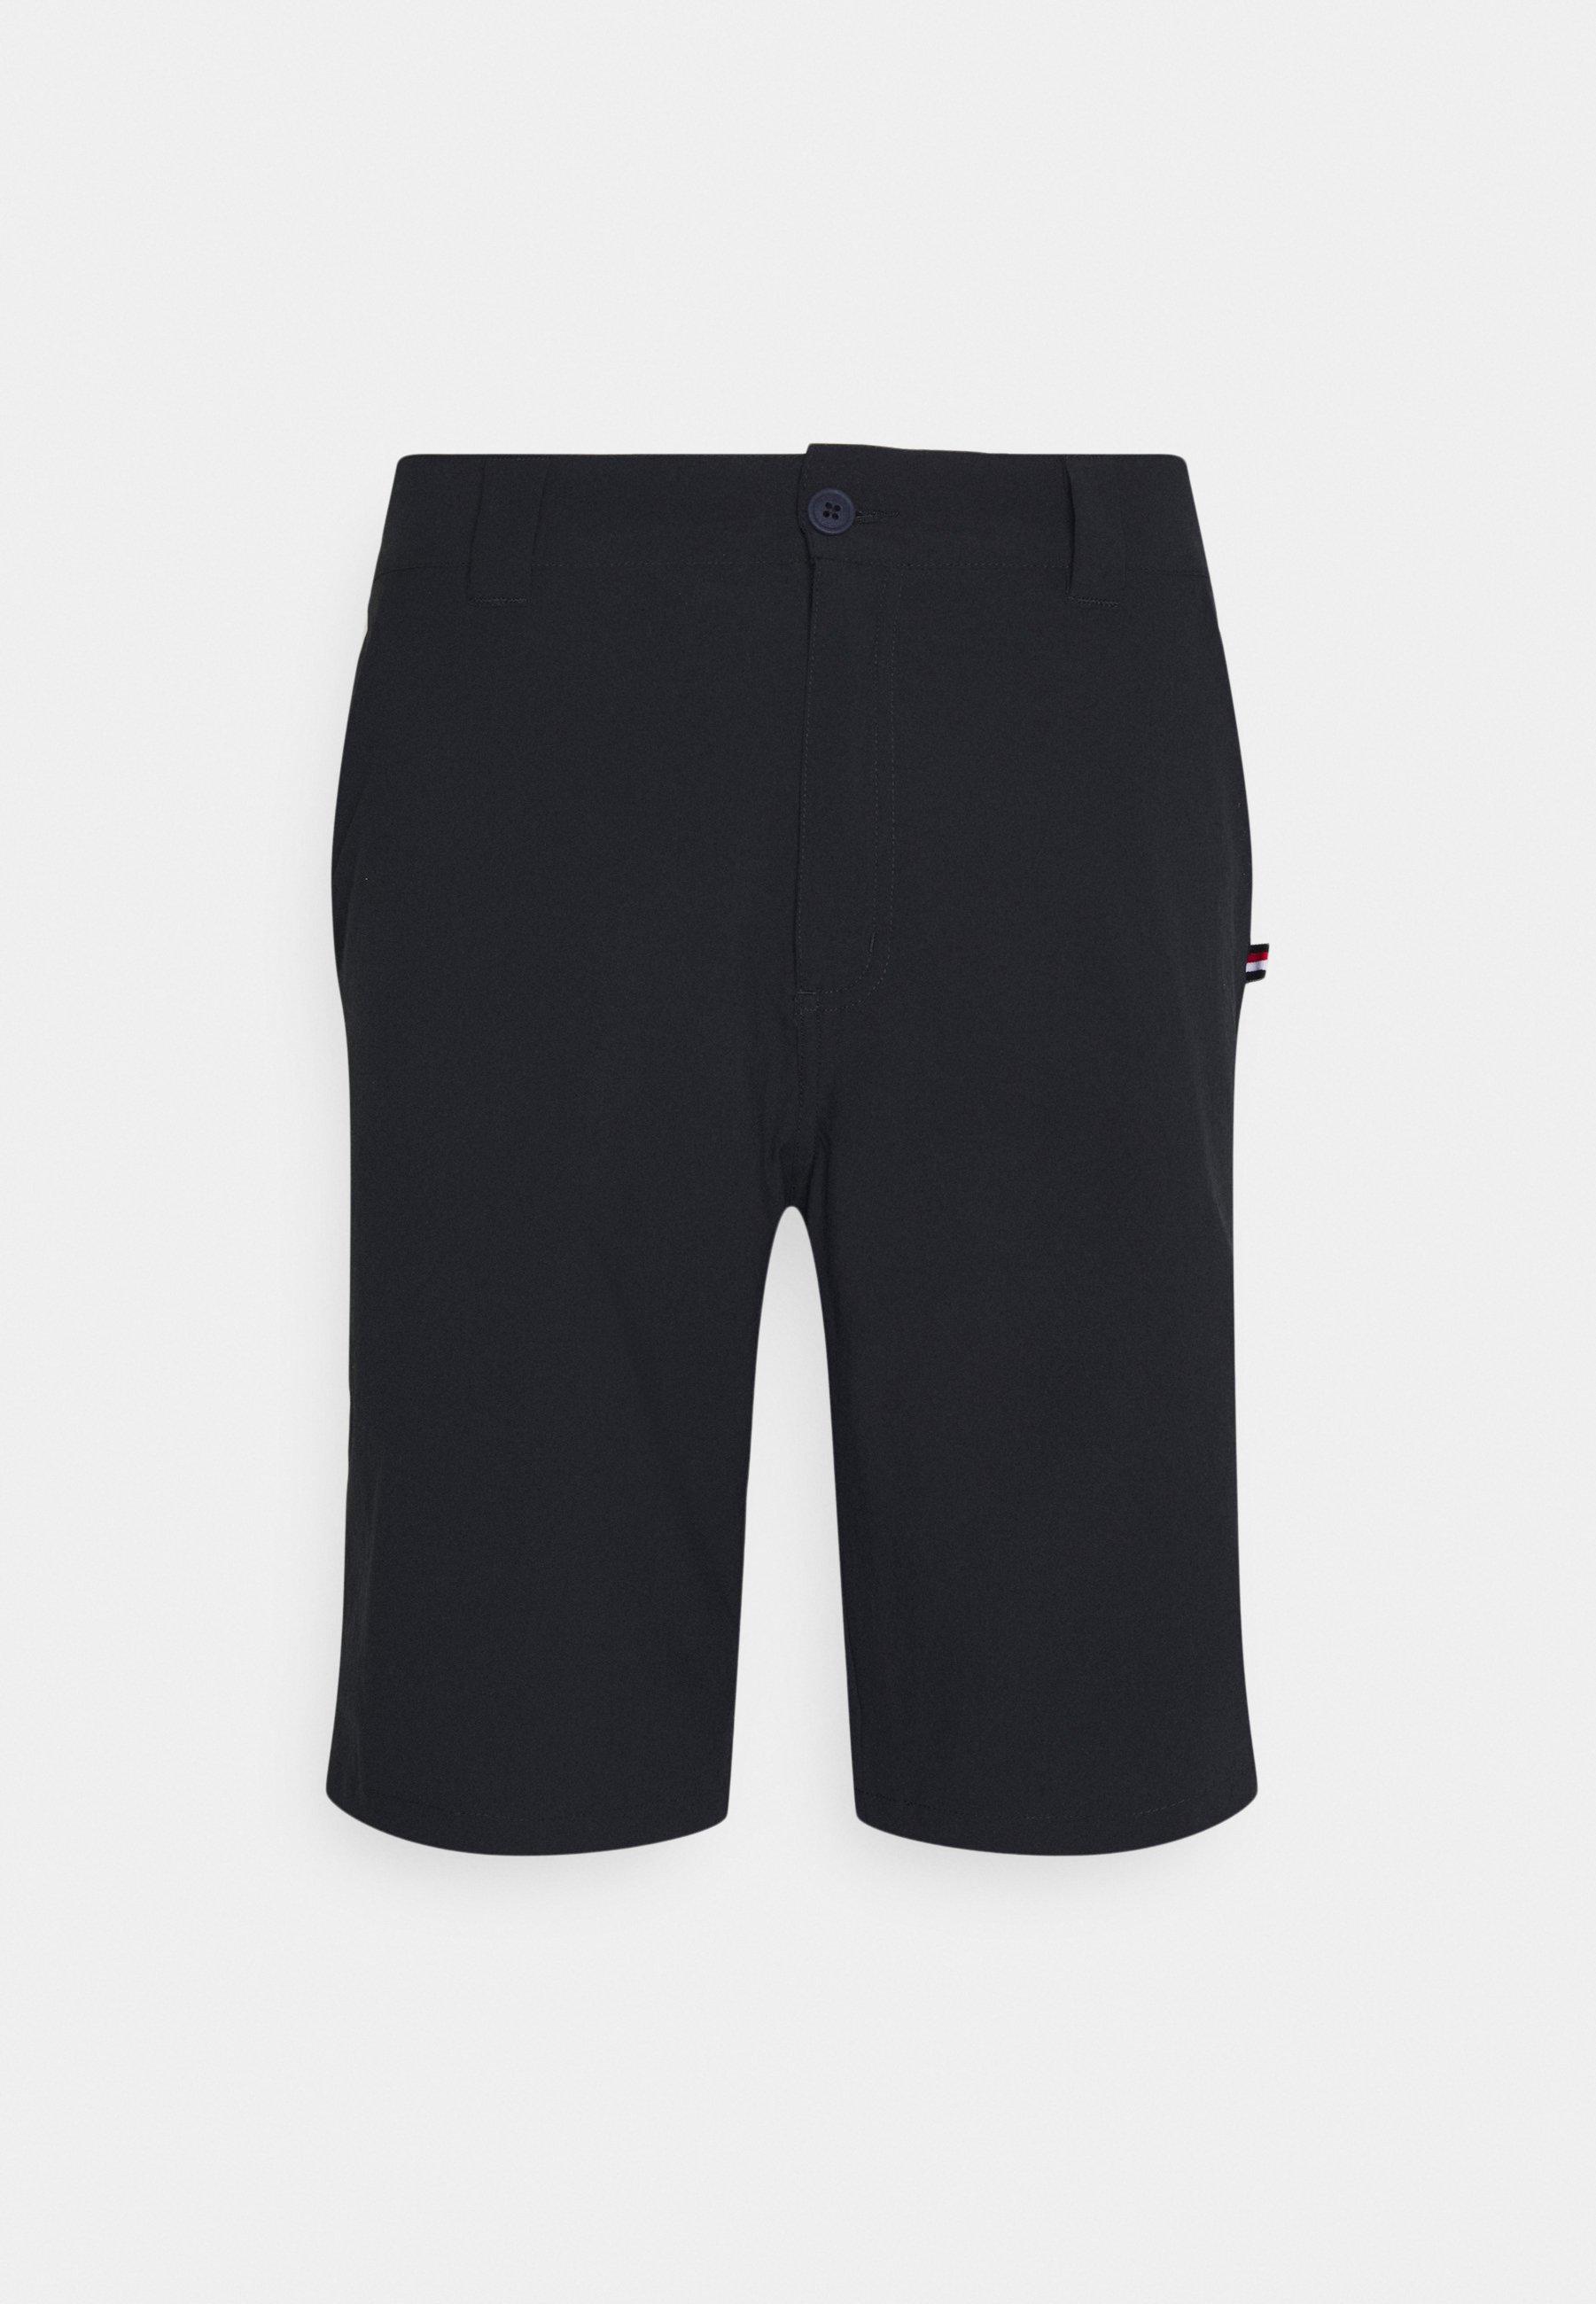 Men KIVISAARI - Outdoor shorts